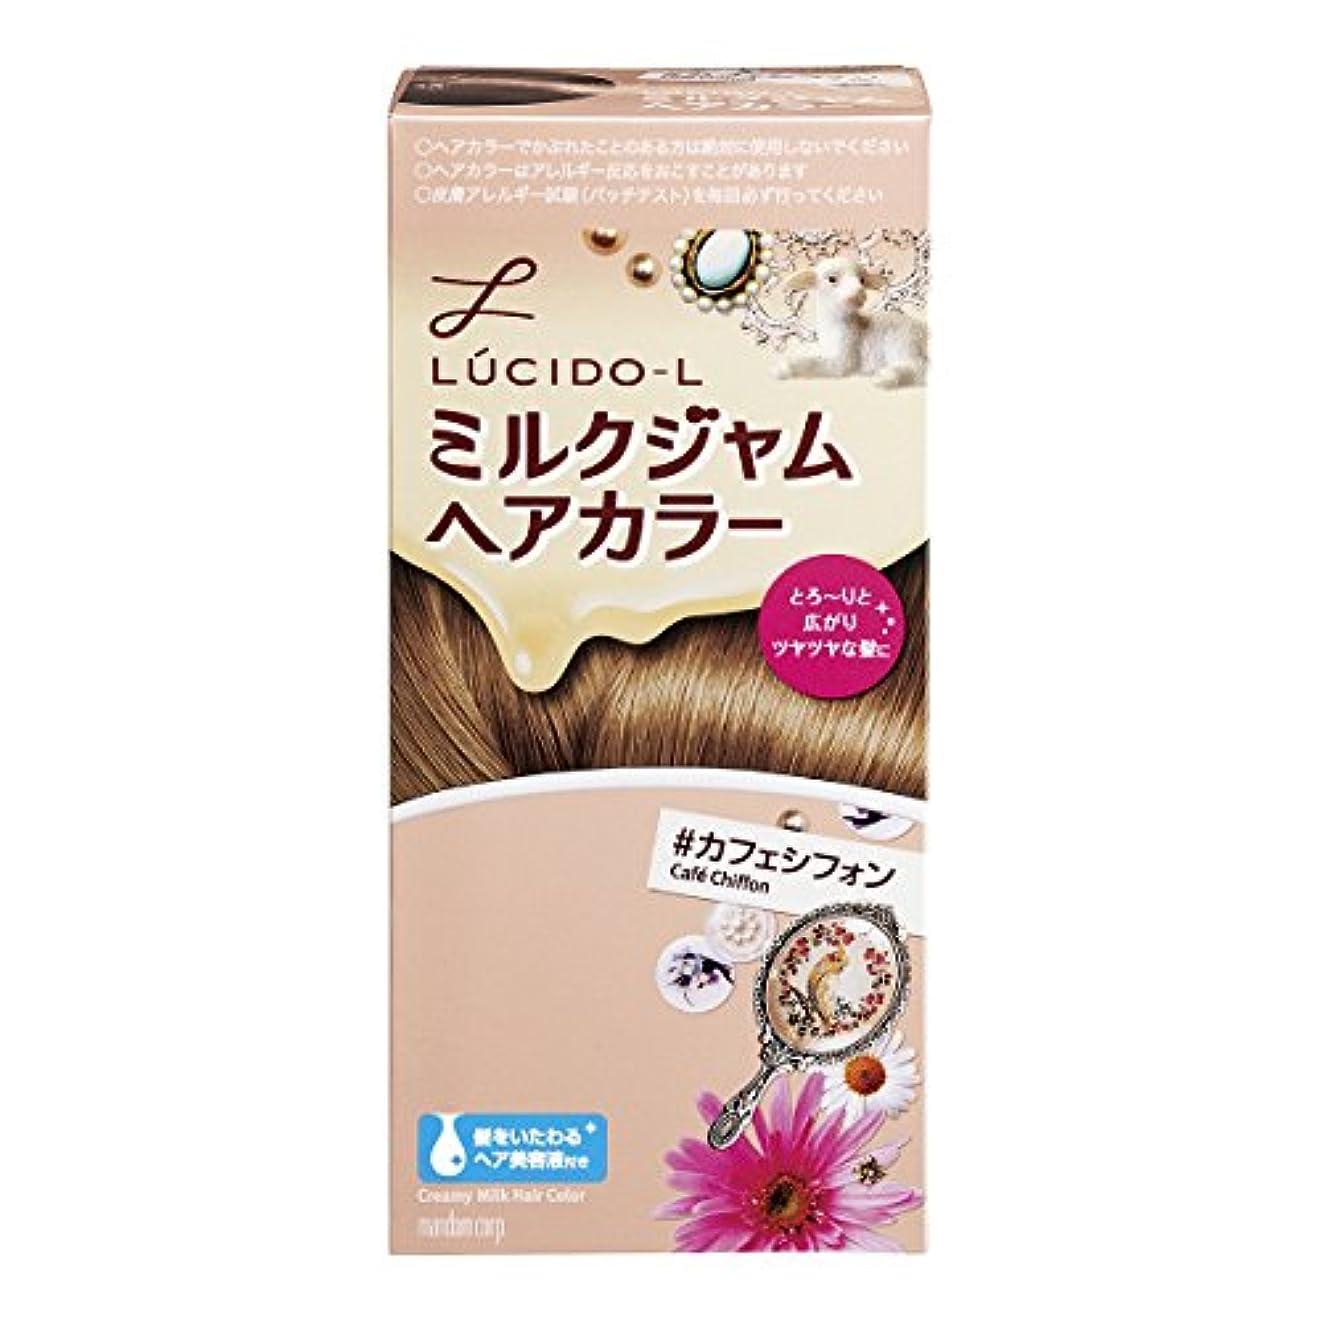 ほめる服フローLUCIDO-L (ルシードエル) ミルクジャムヘアカラー #カフェシフォン(医薬部外品) (1剤40g 2剤80mL TR5g)